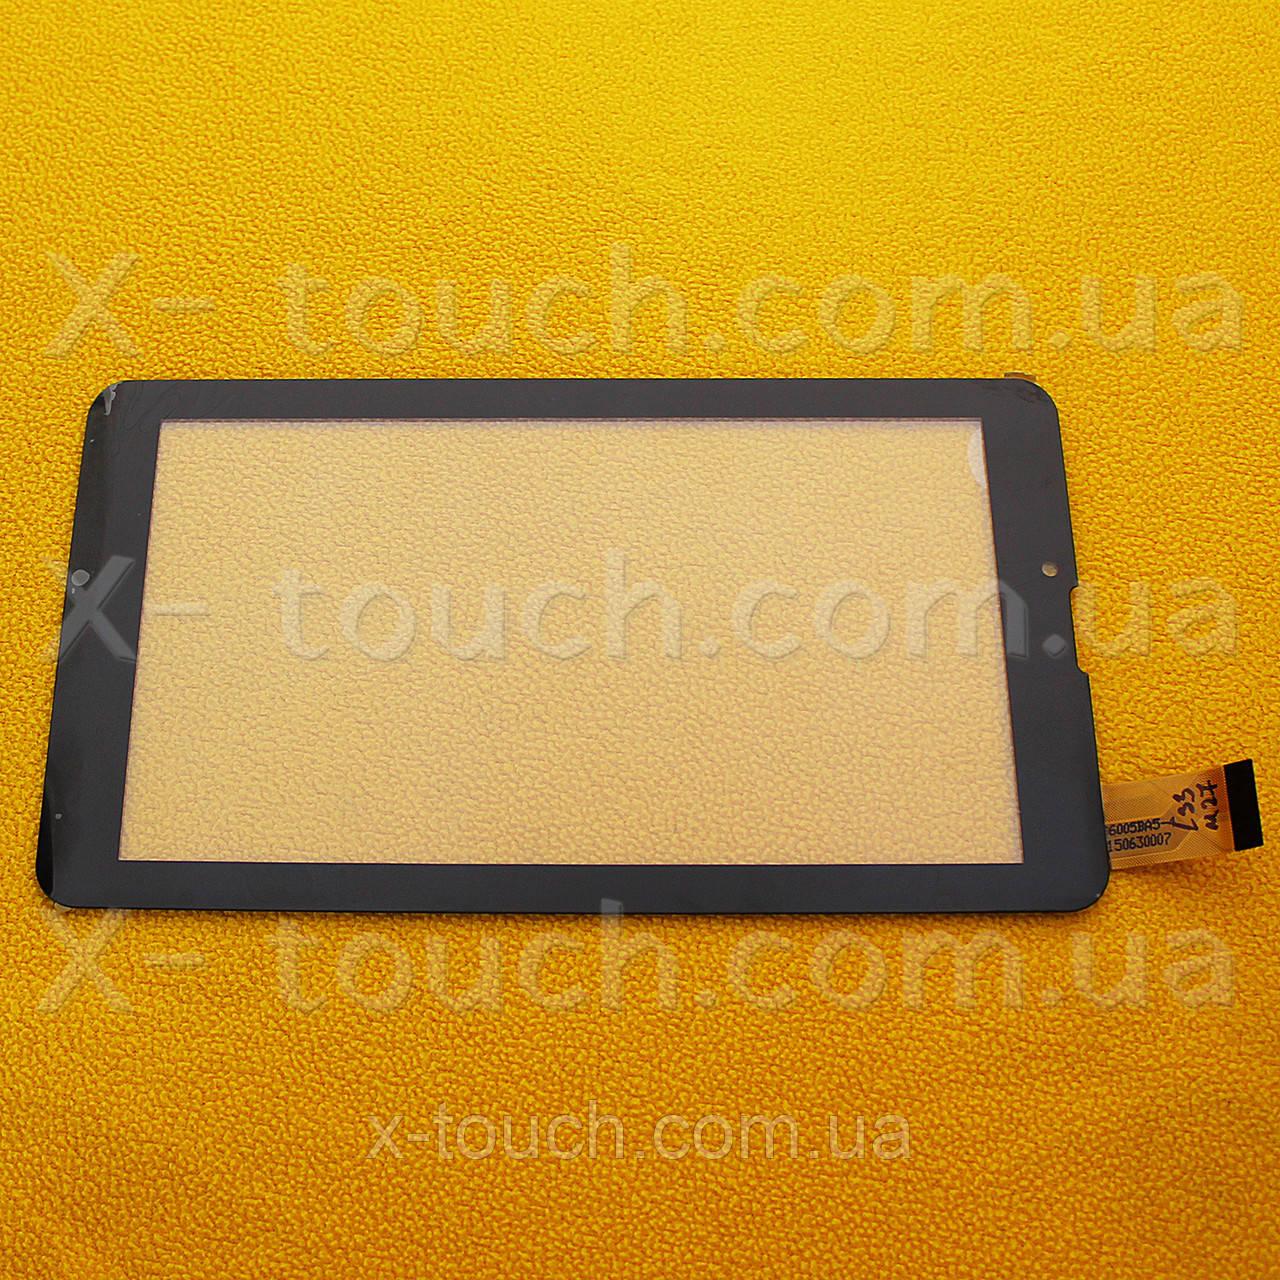 XC-PG0700-025-A1 cенсор, тачскрин 7,0 дюймов, цвет черный.